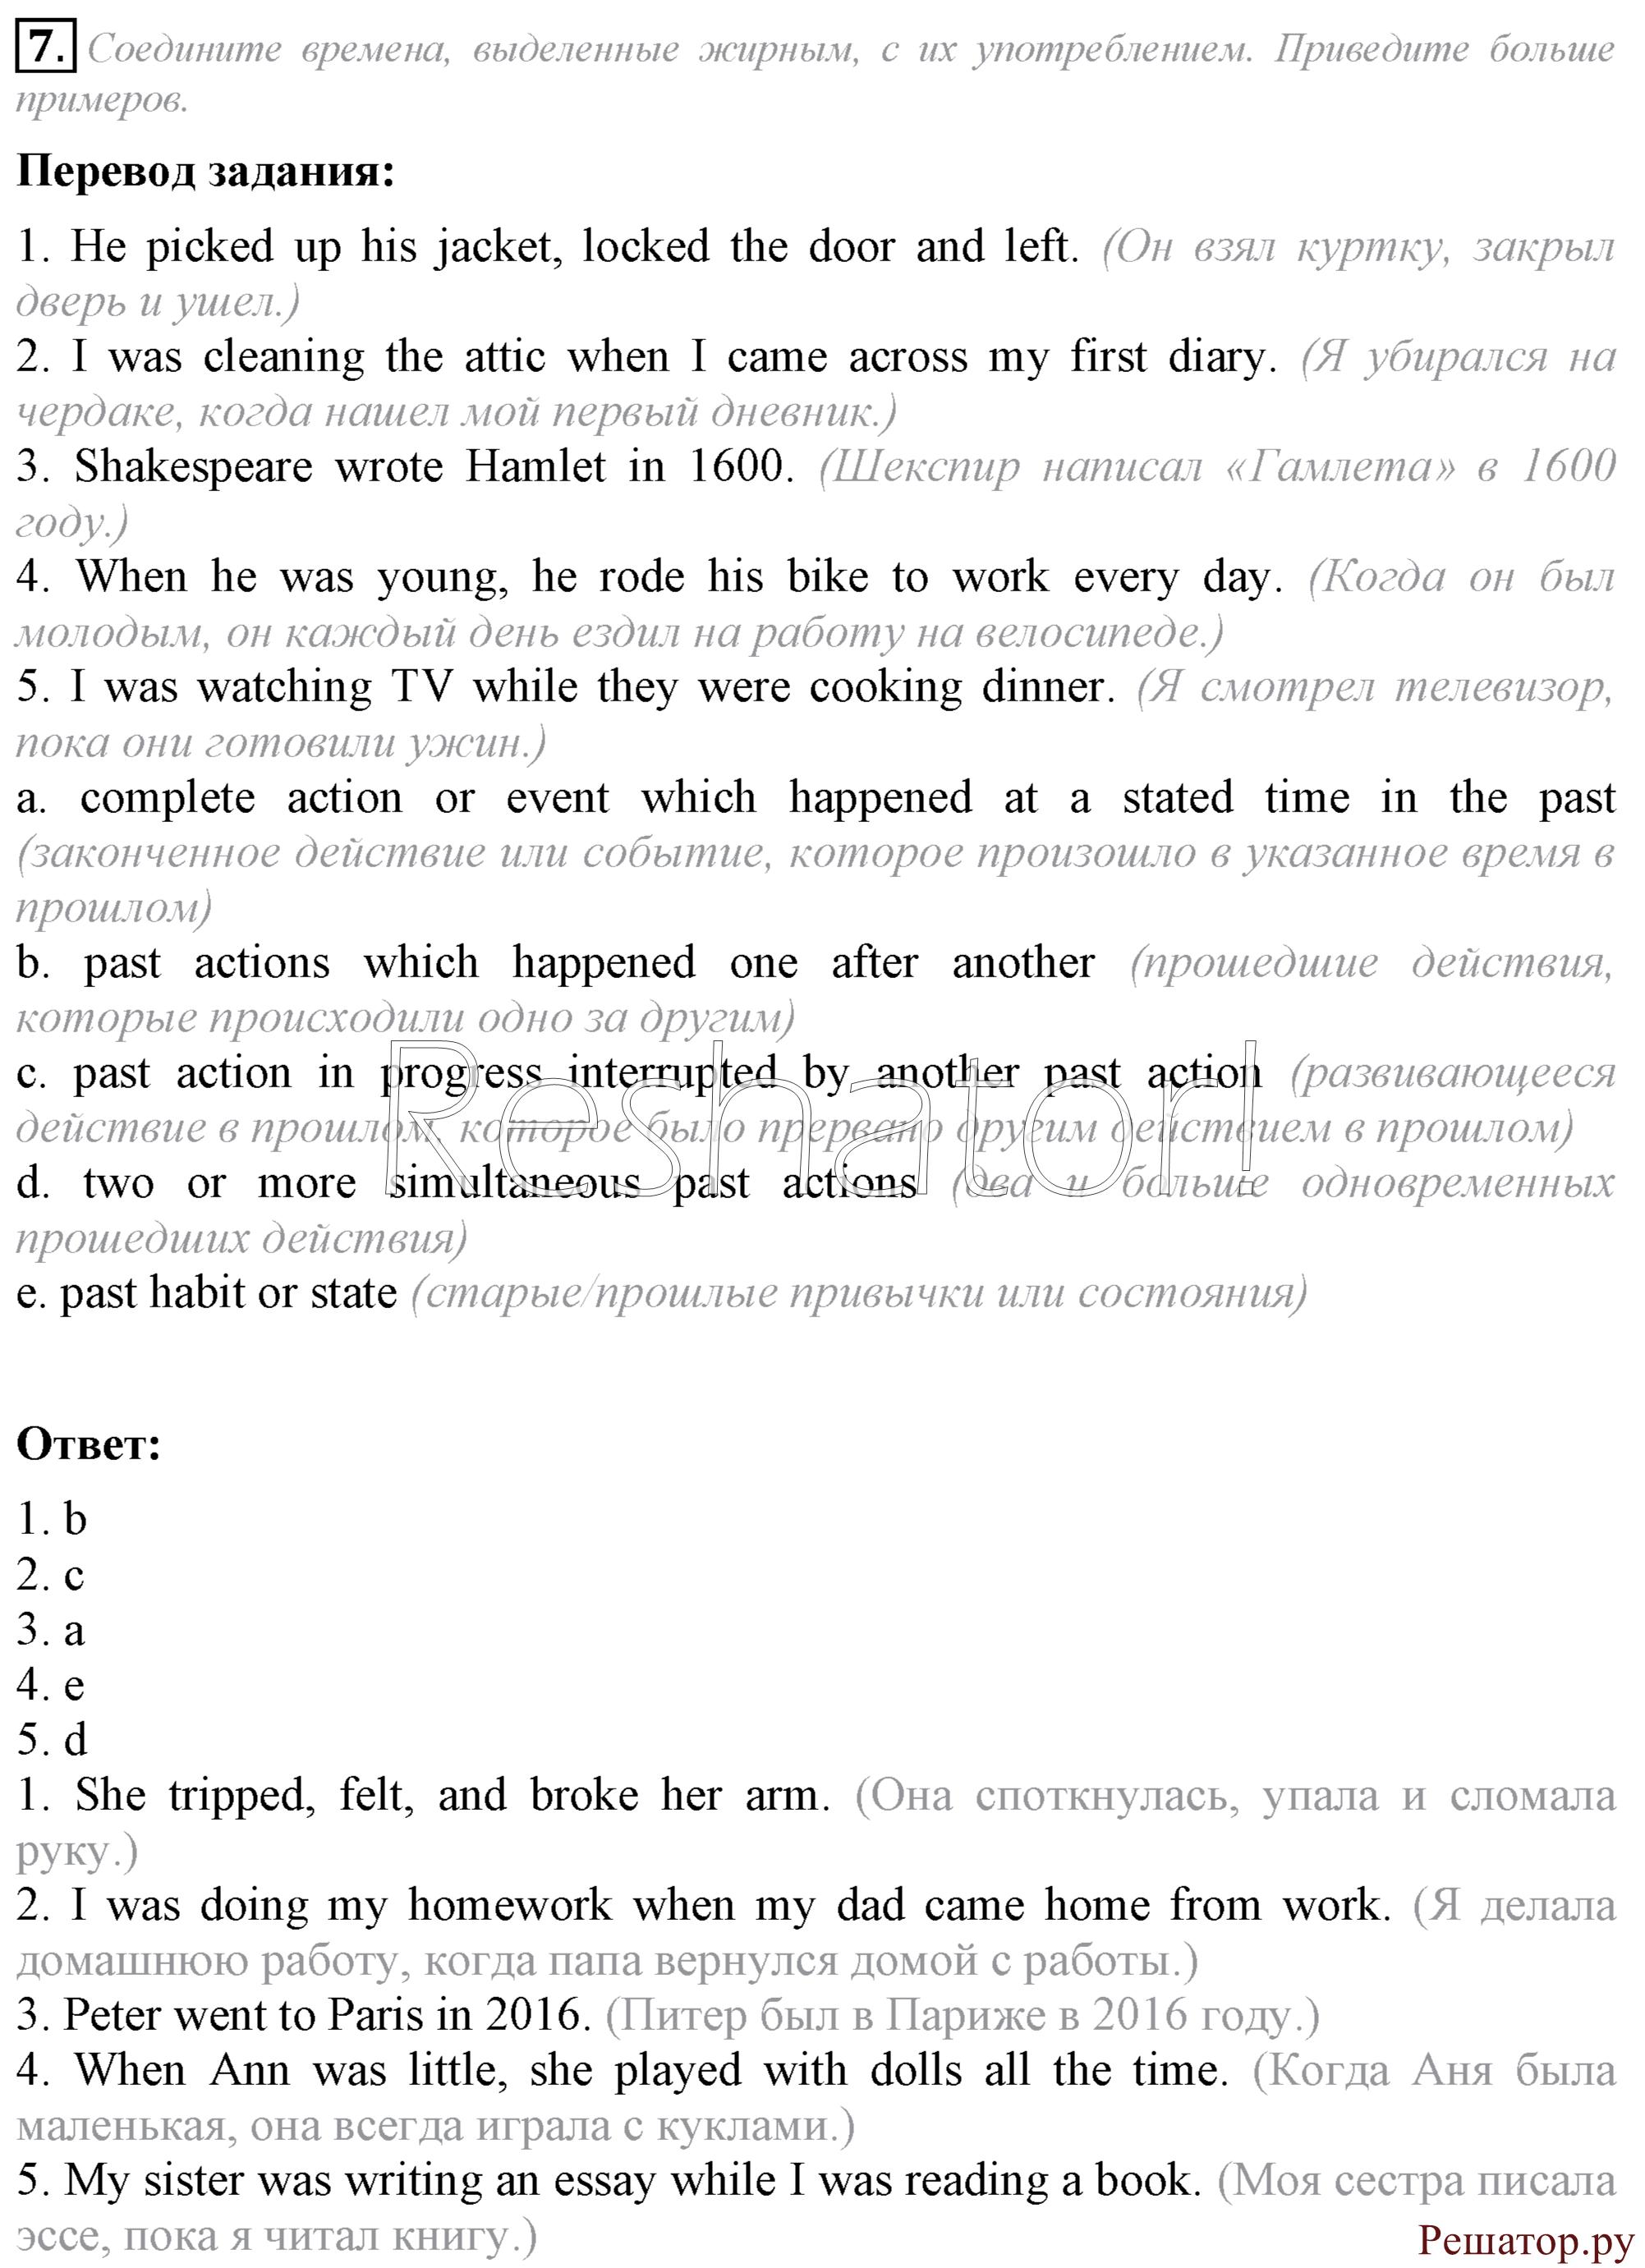 гдз по английскому языку книга ваулина